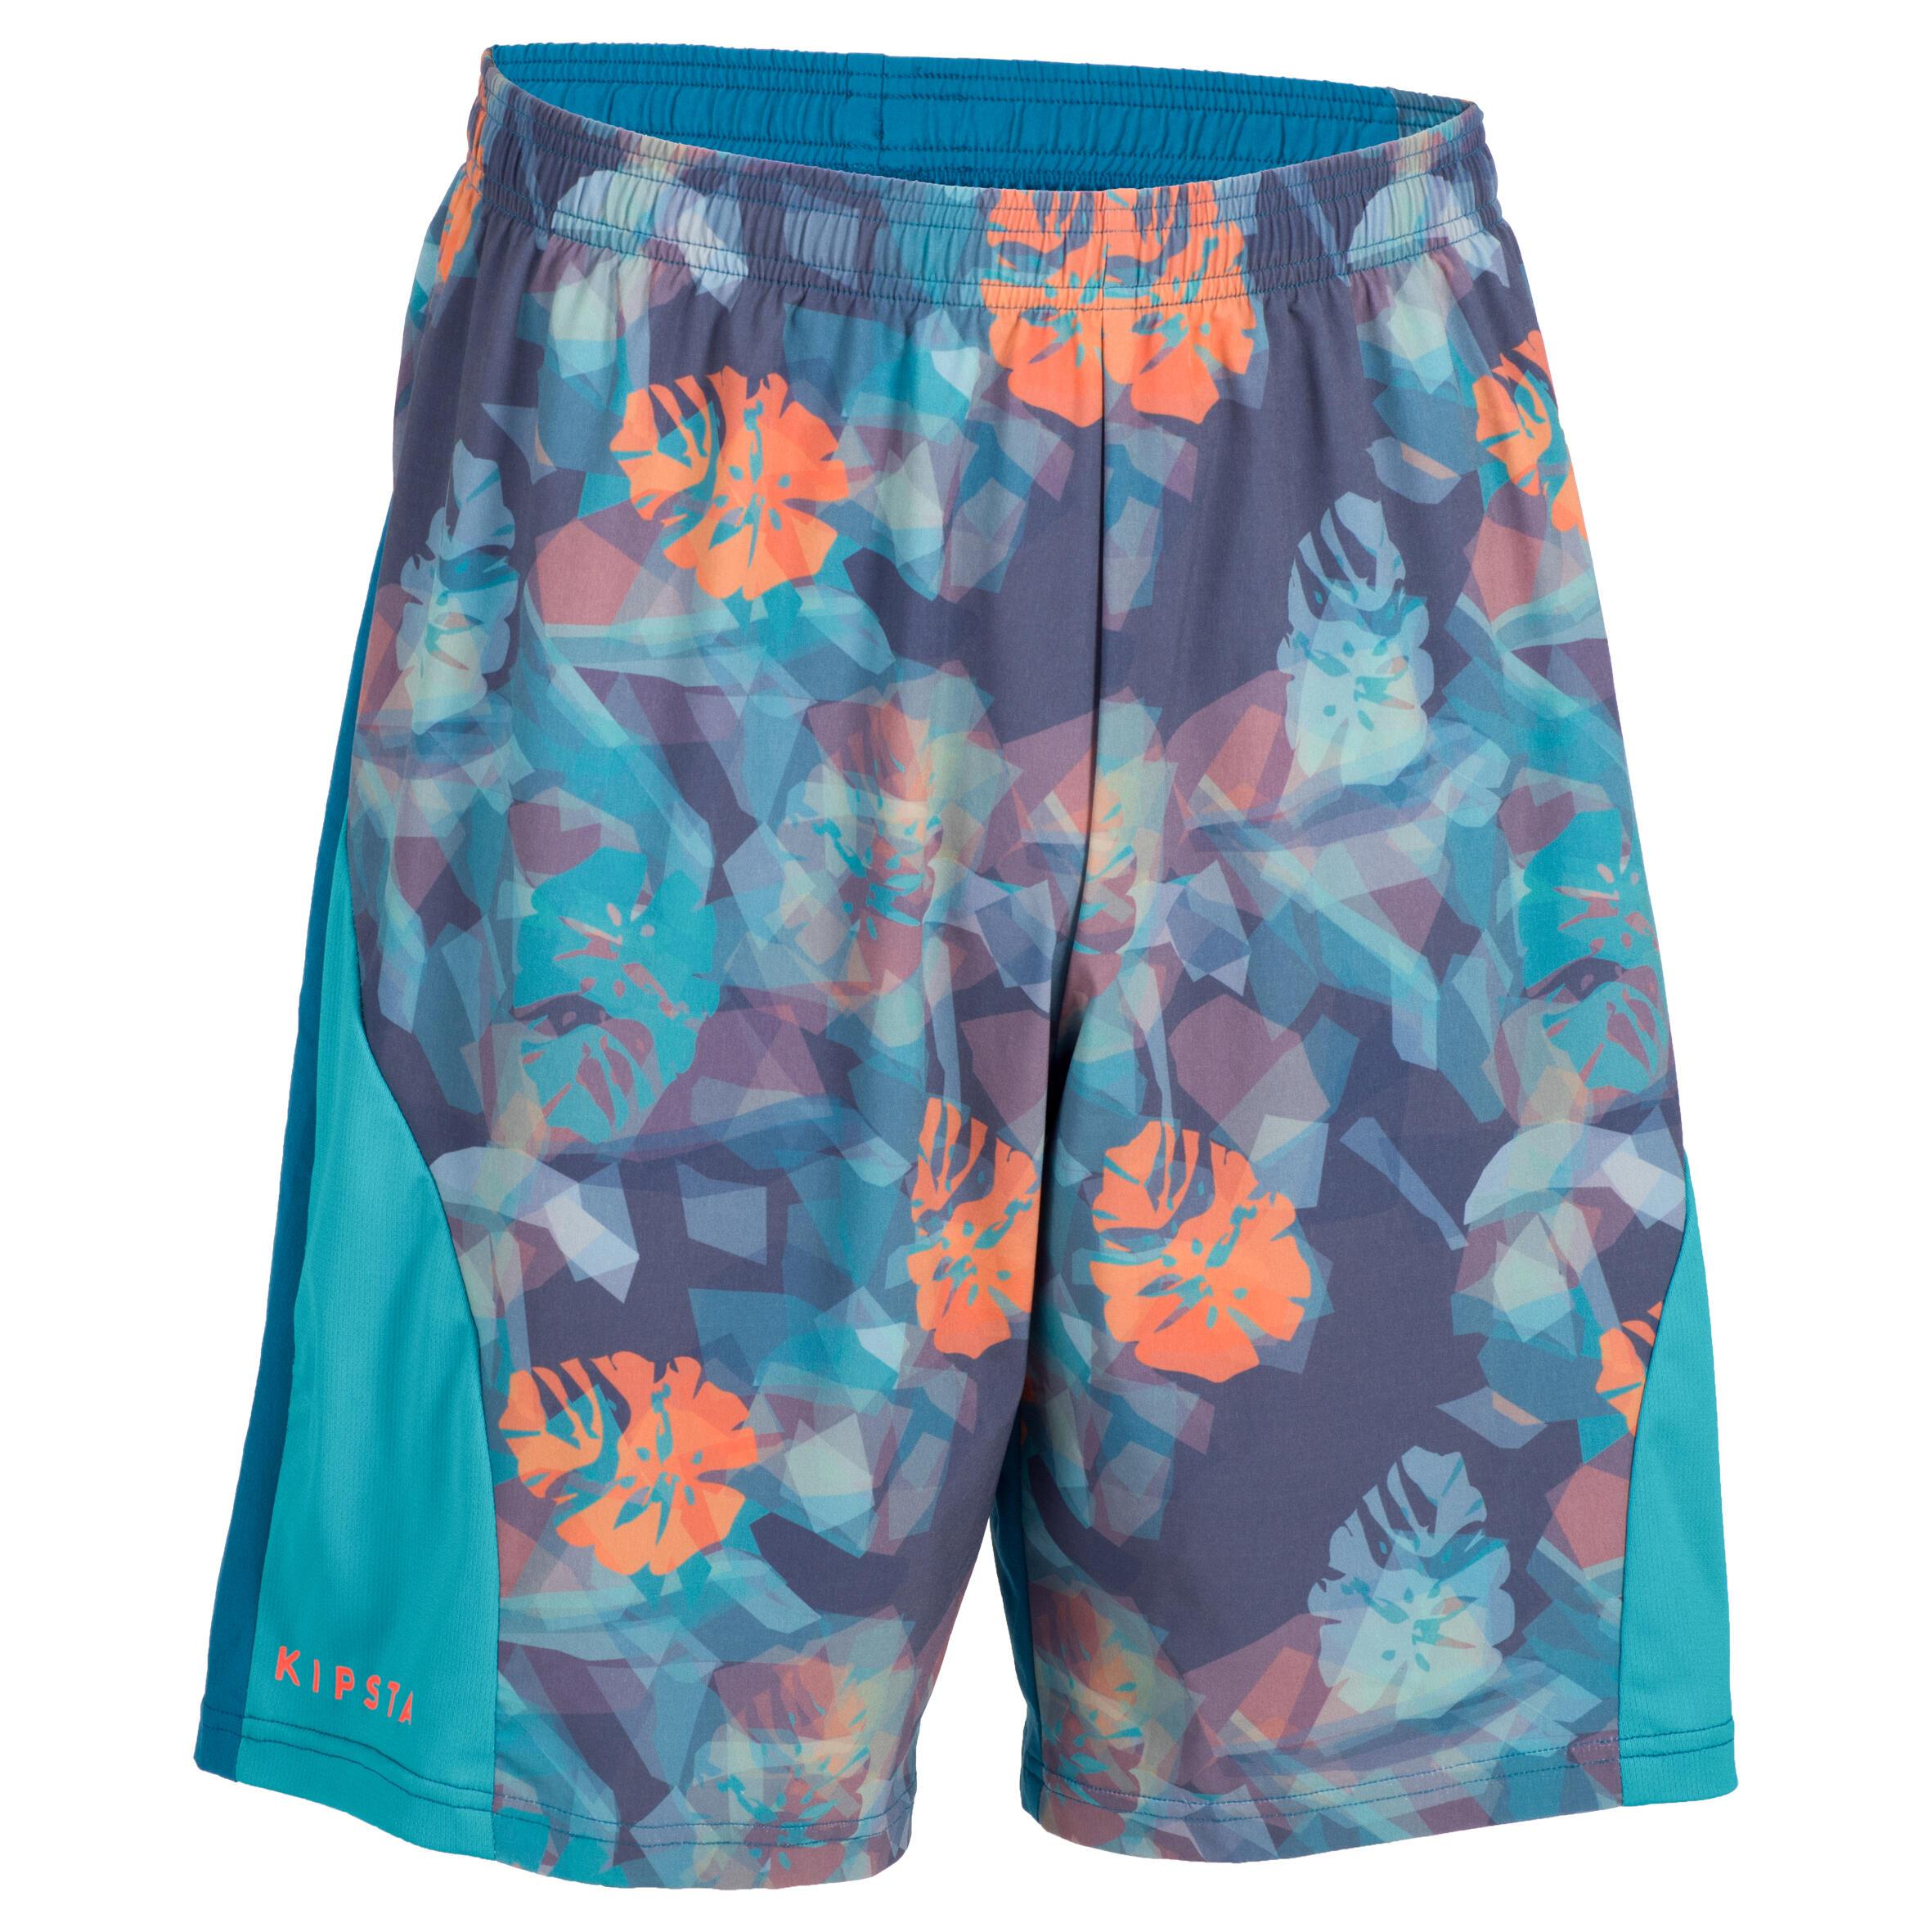 Beachvolleyball-Shorts BV500 Herren | Sportbekleidung > Sporthosen > Sportshorts | Copaya